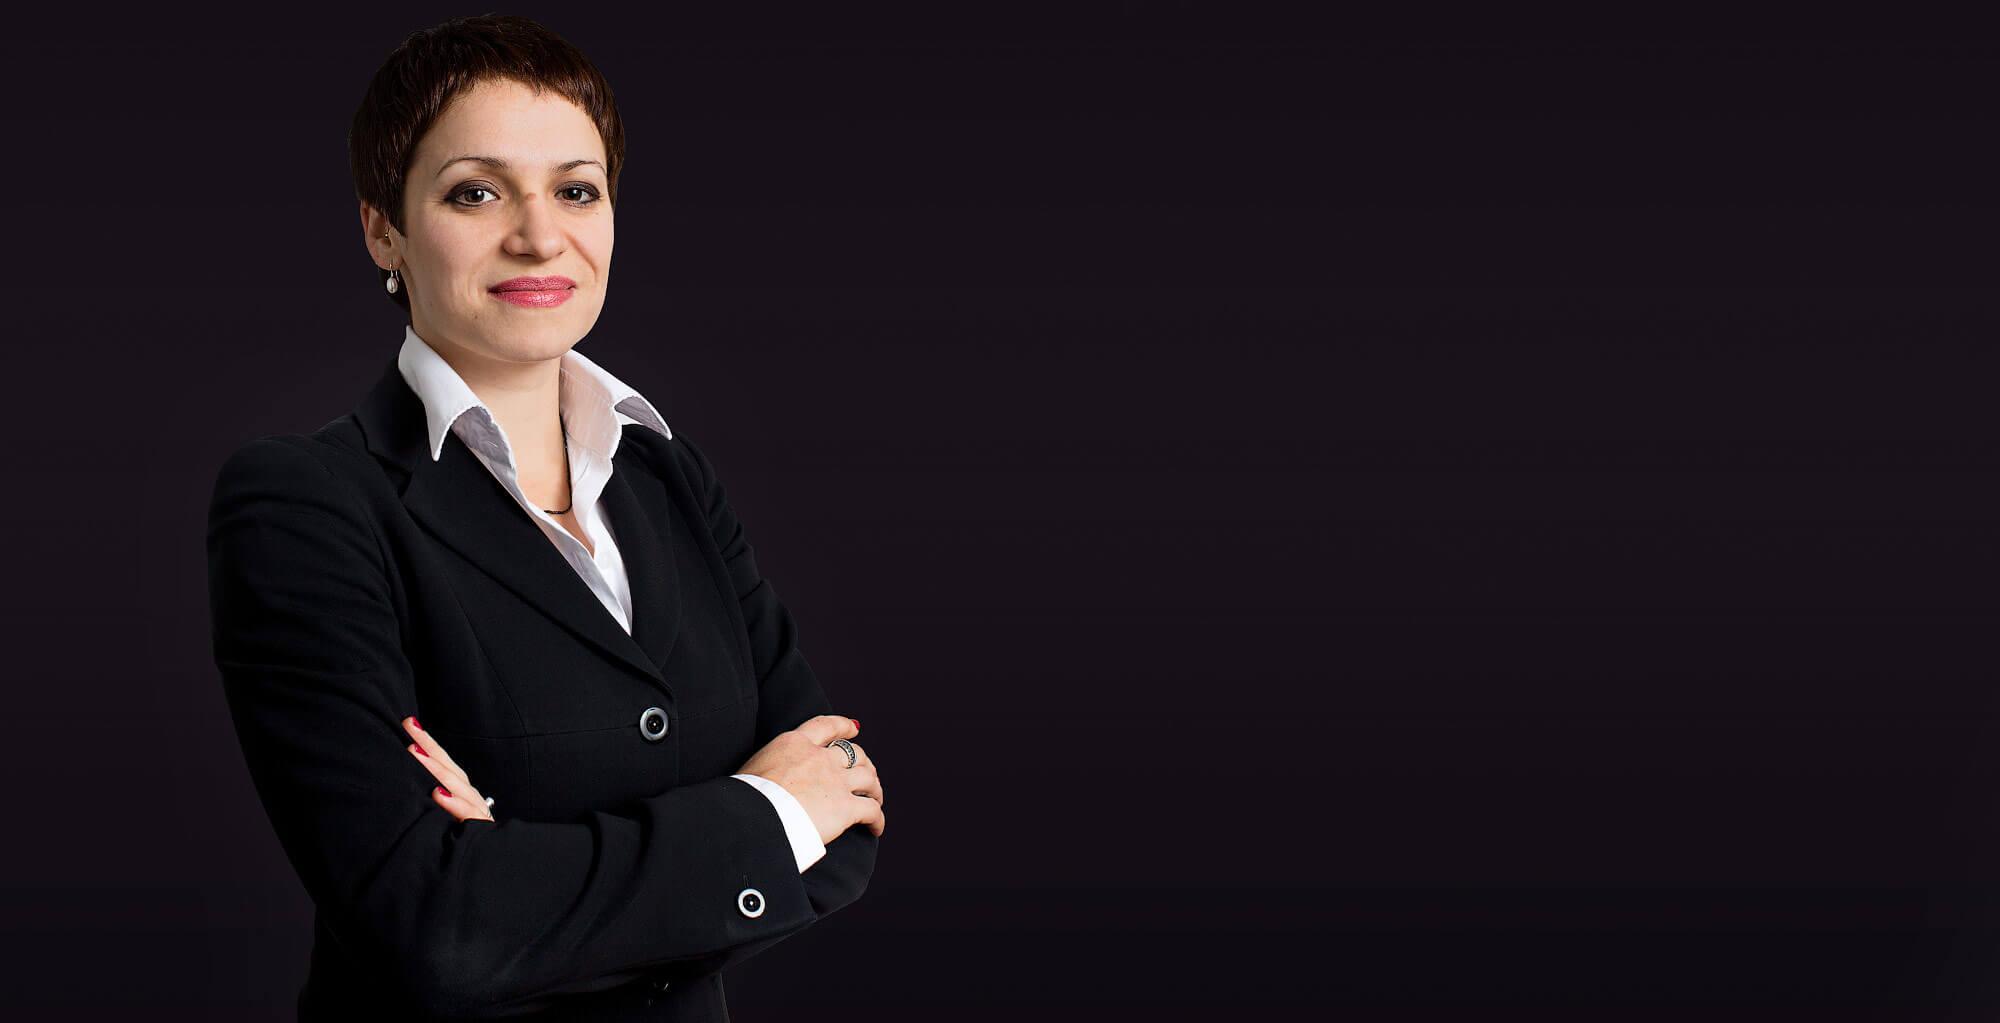 Бесплатная консультация юриста по телефону в новосибирске